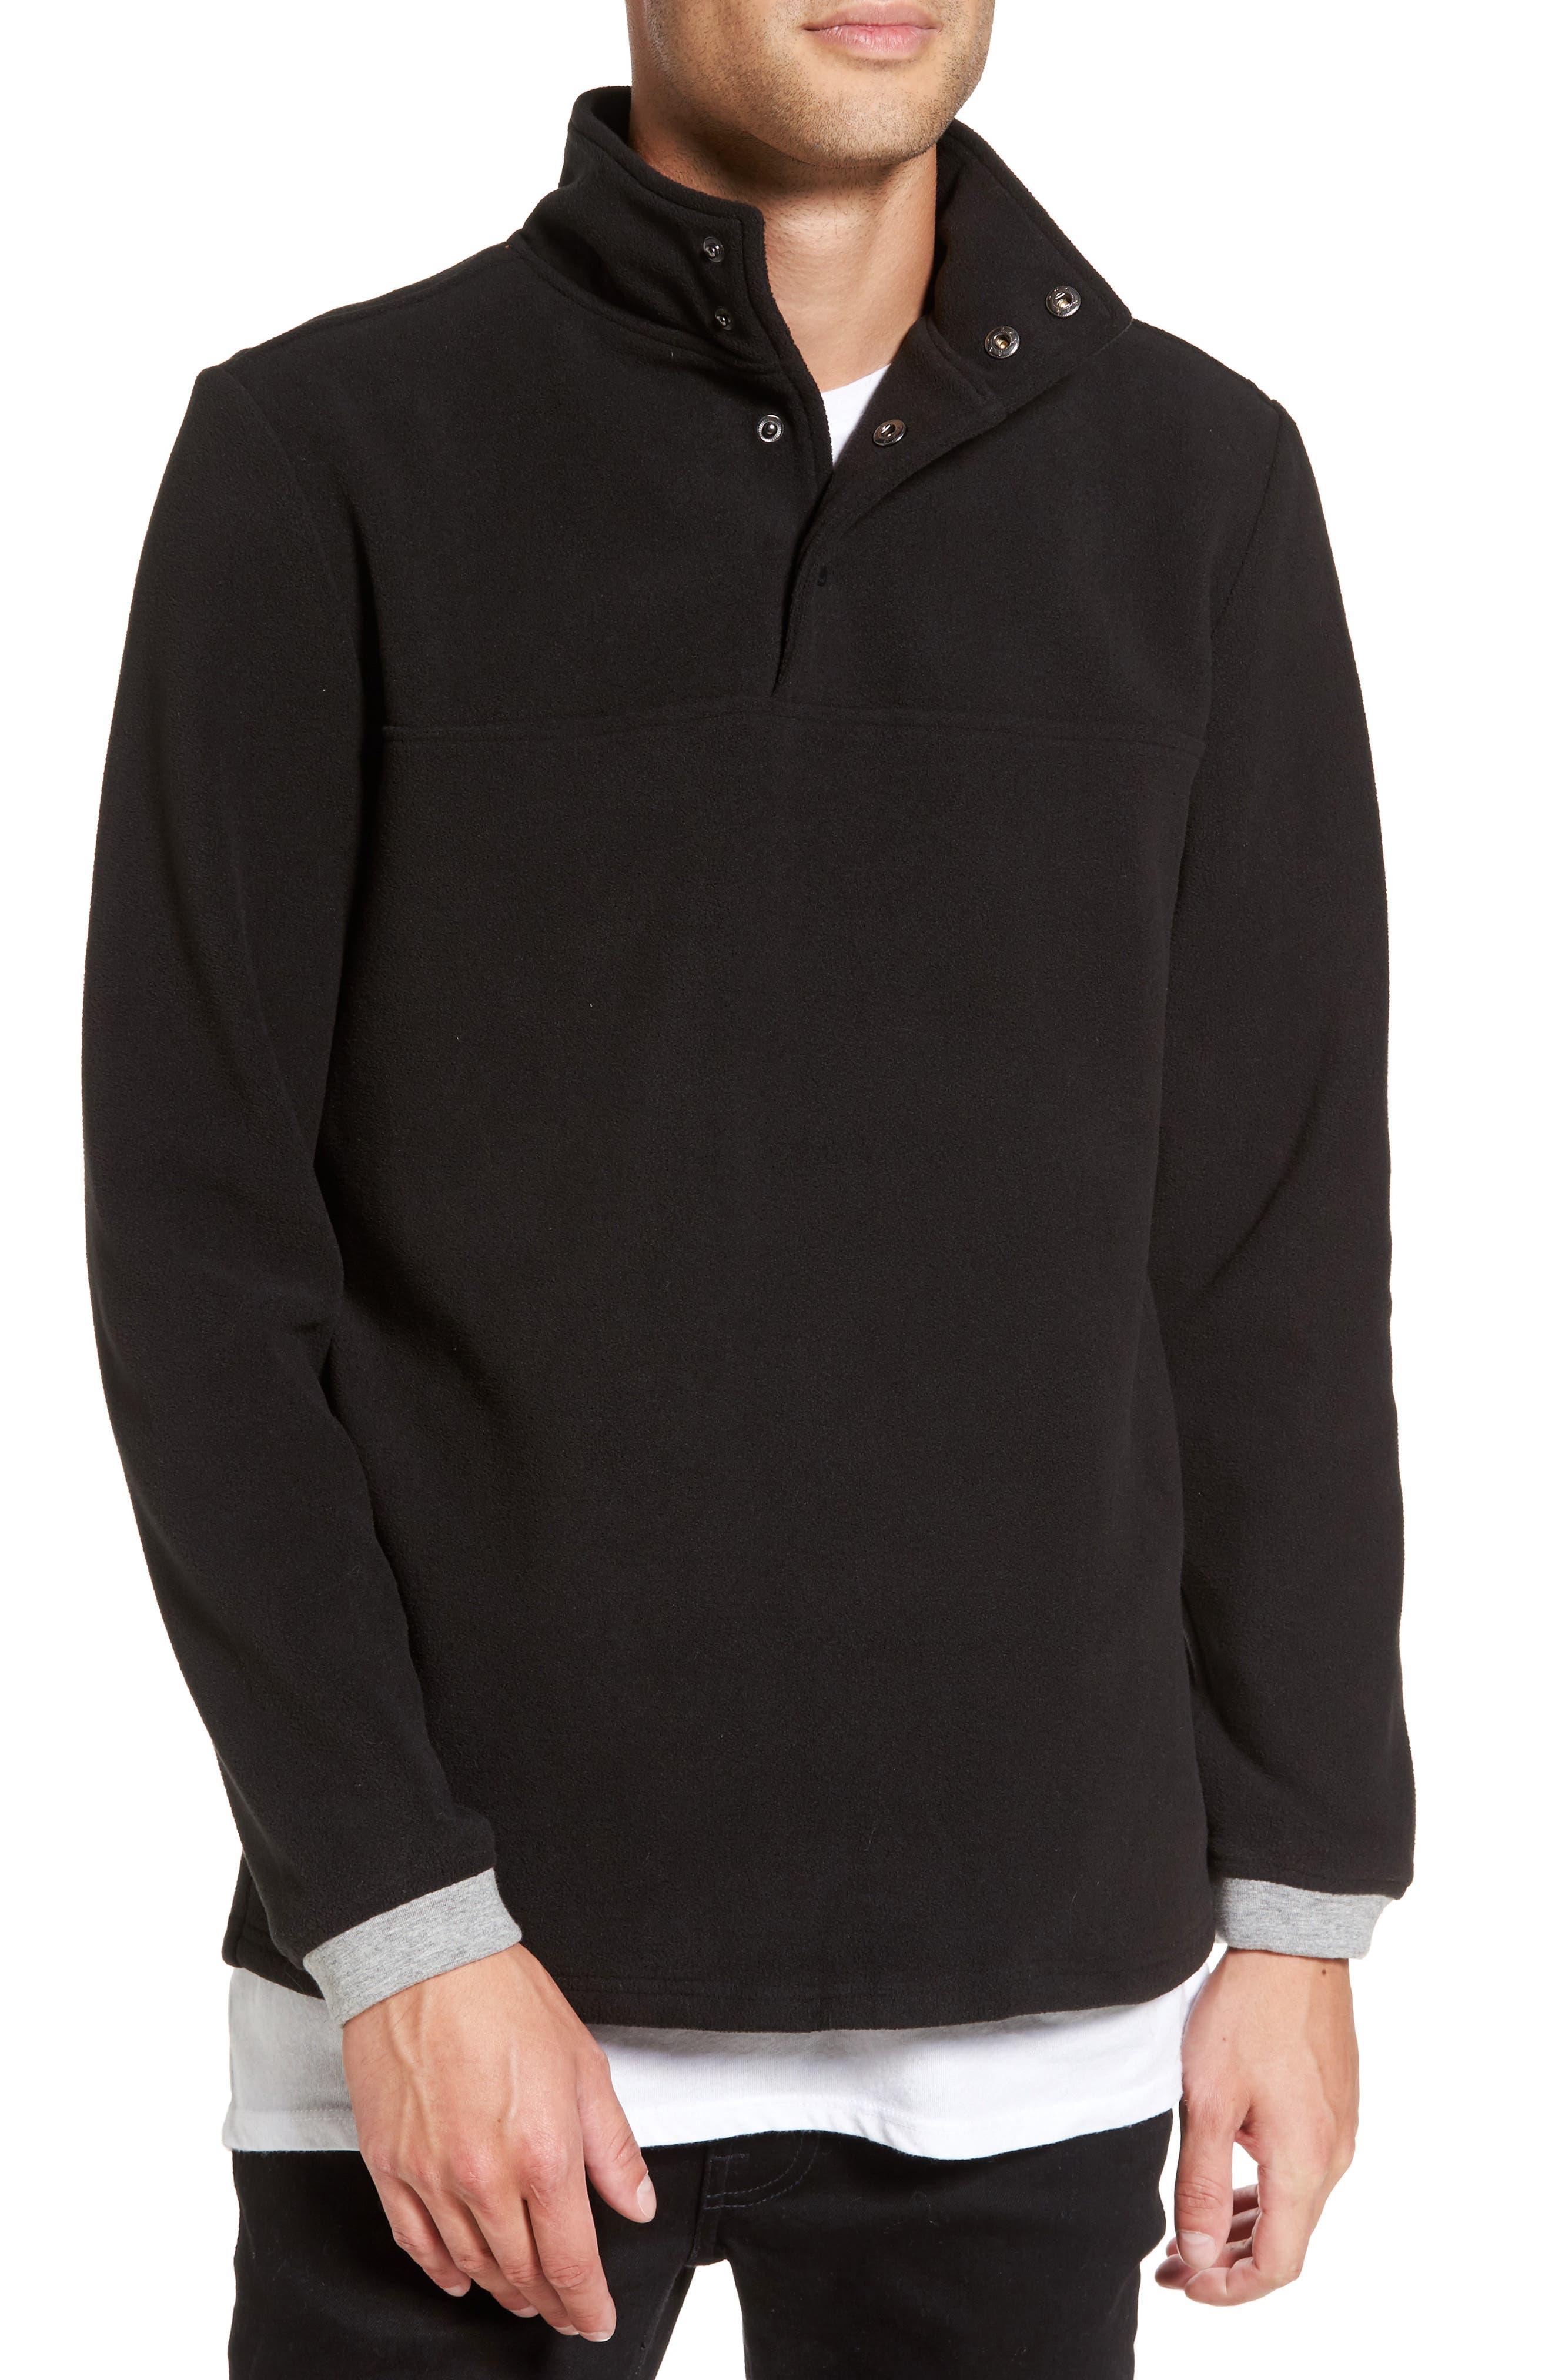 Stratton Sweater,                         Main,                         color, Black